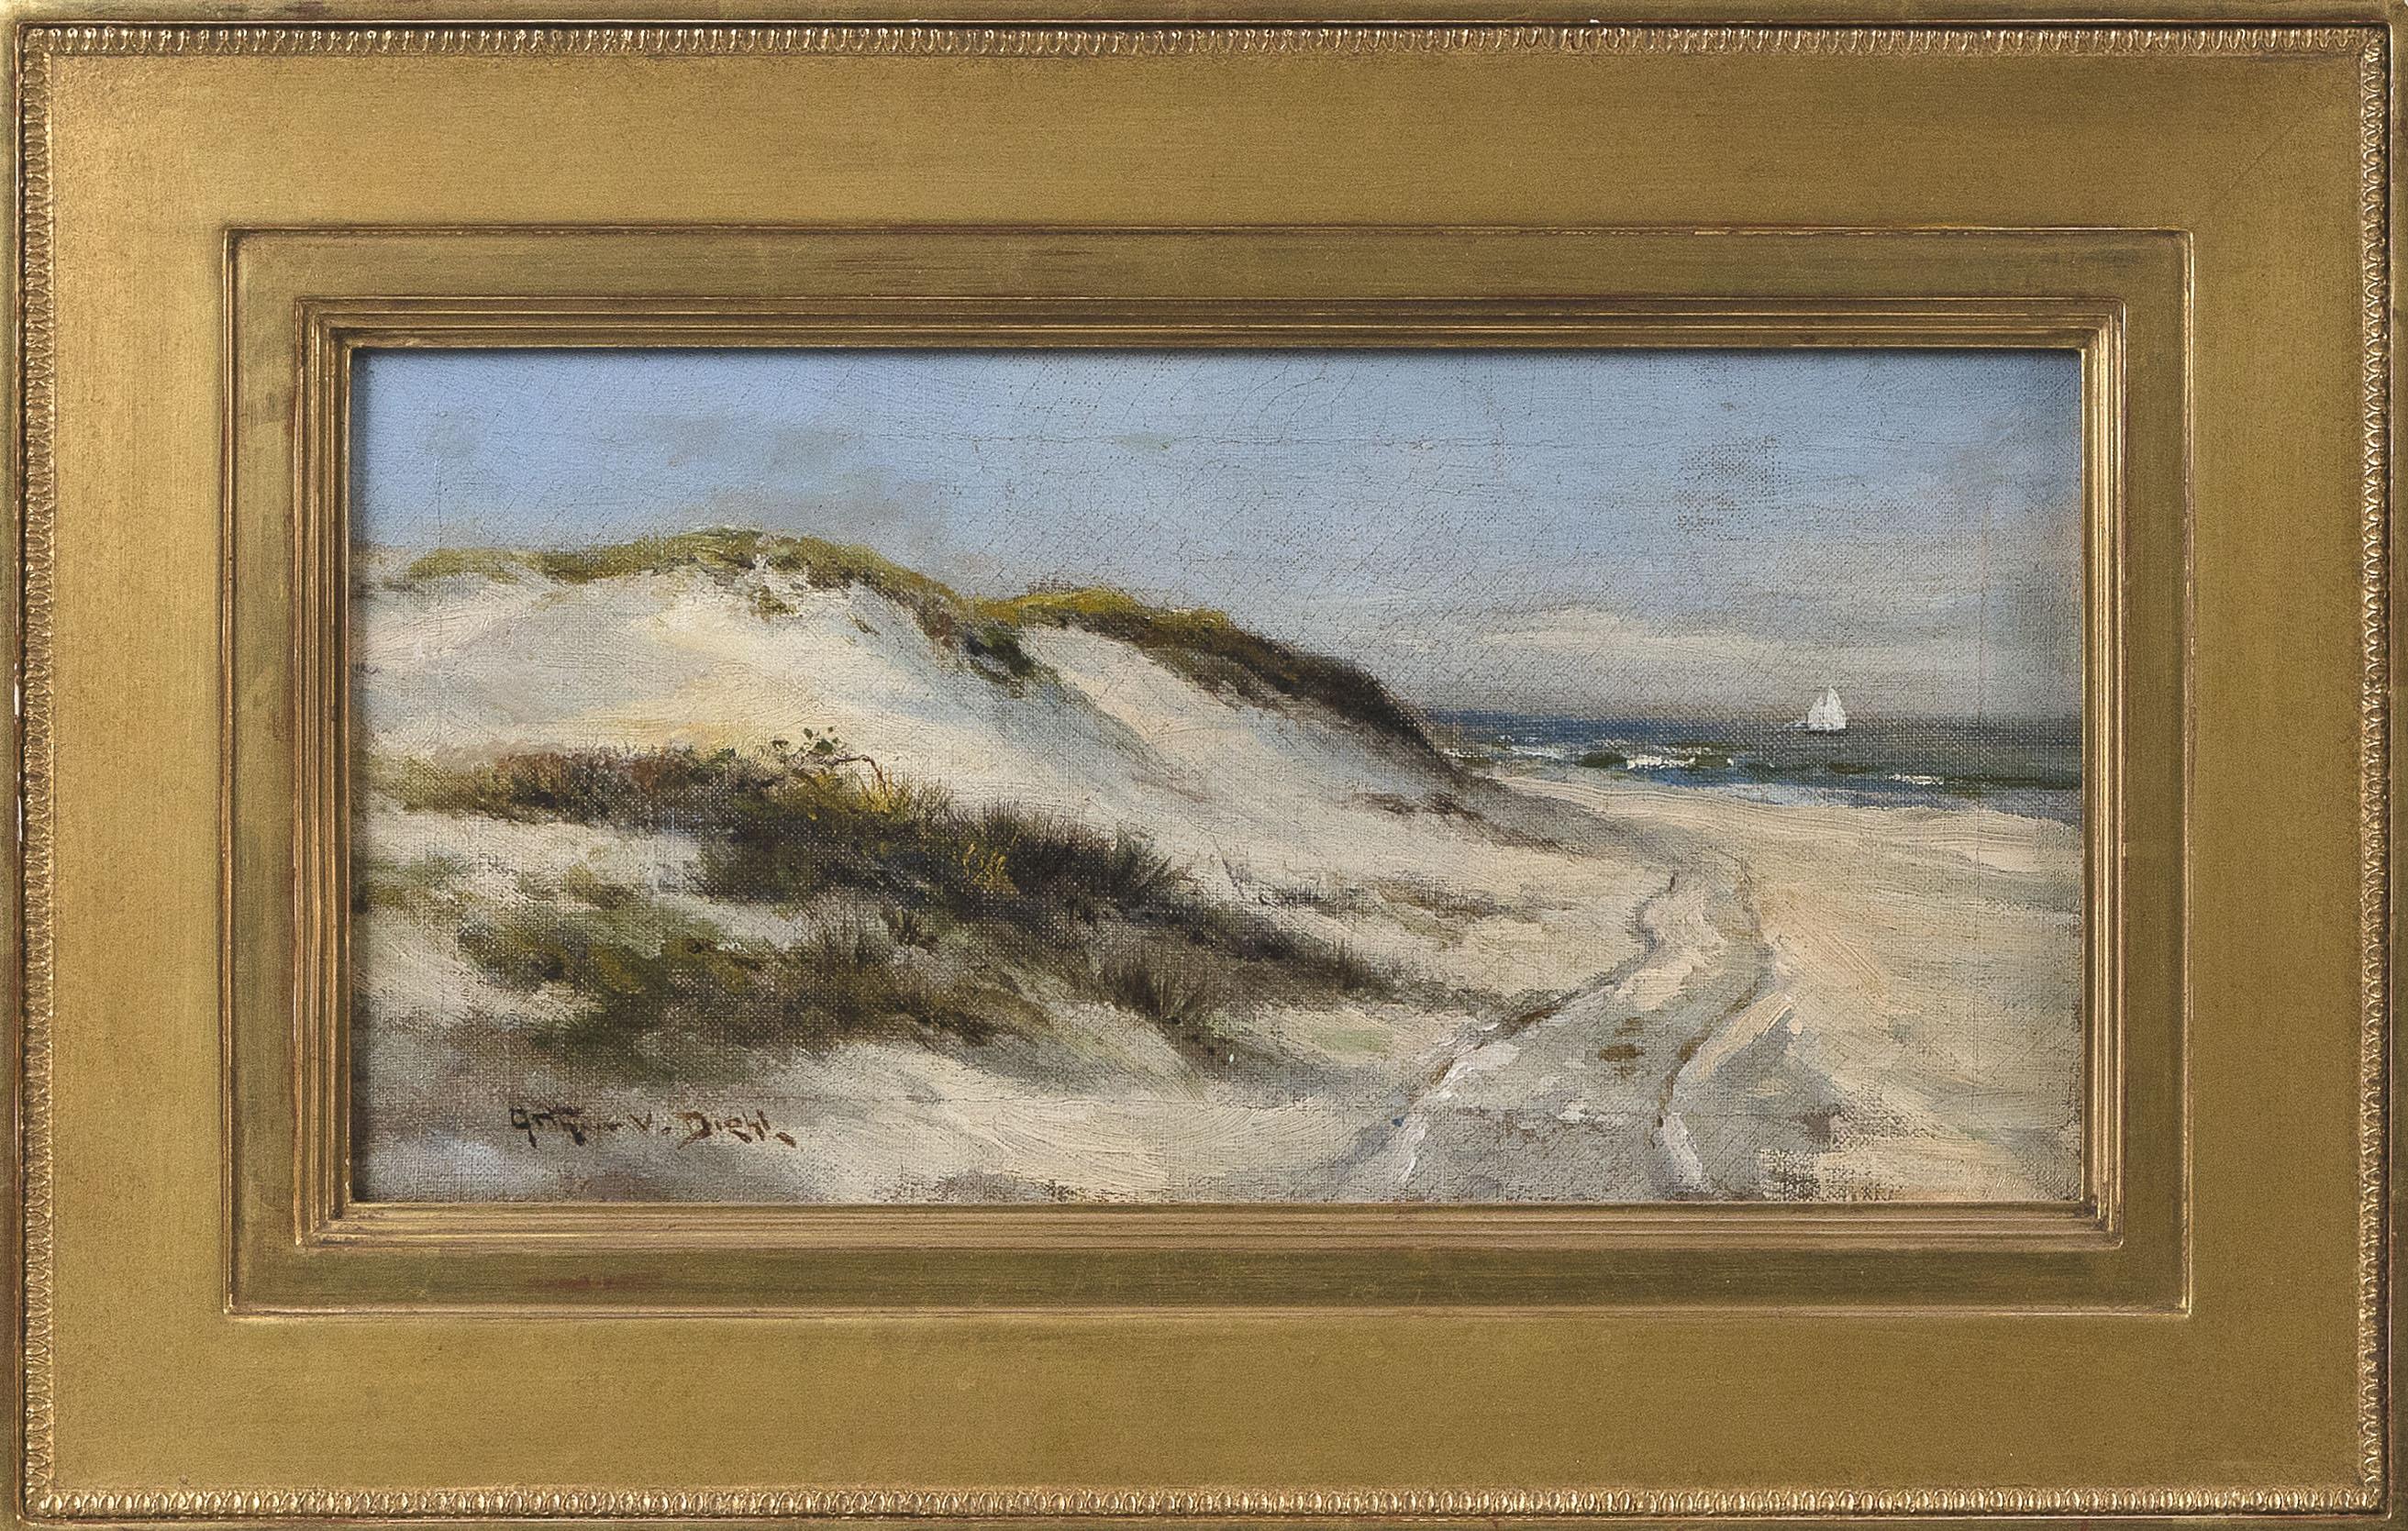 """ARTHUR VIDAL DIEHL (Massachusetts/New York/England, 1870-1929), Path through the dunes., Oil on canvas, 6"""" x 11.75"""". Framed 10"""" x 15.75""""."""